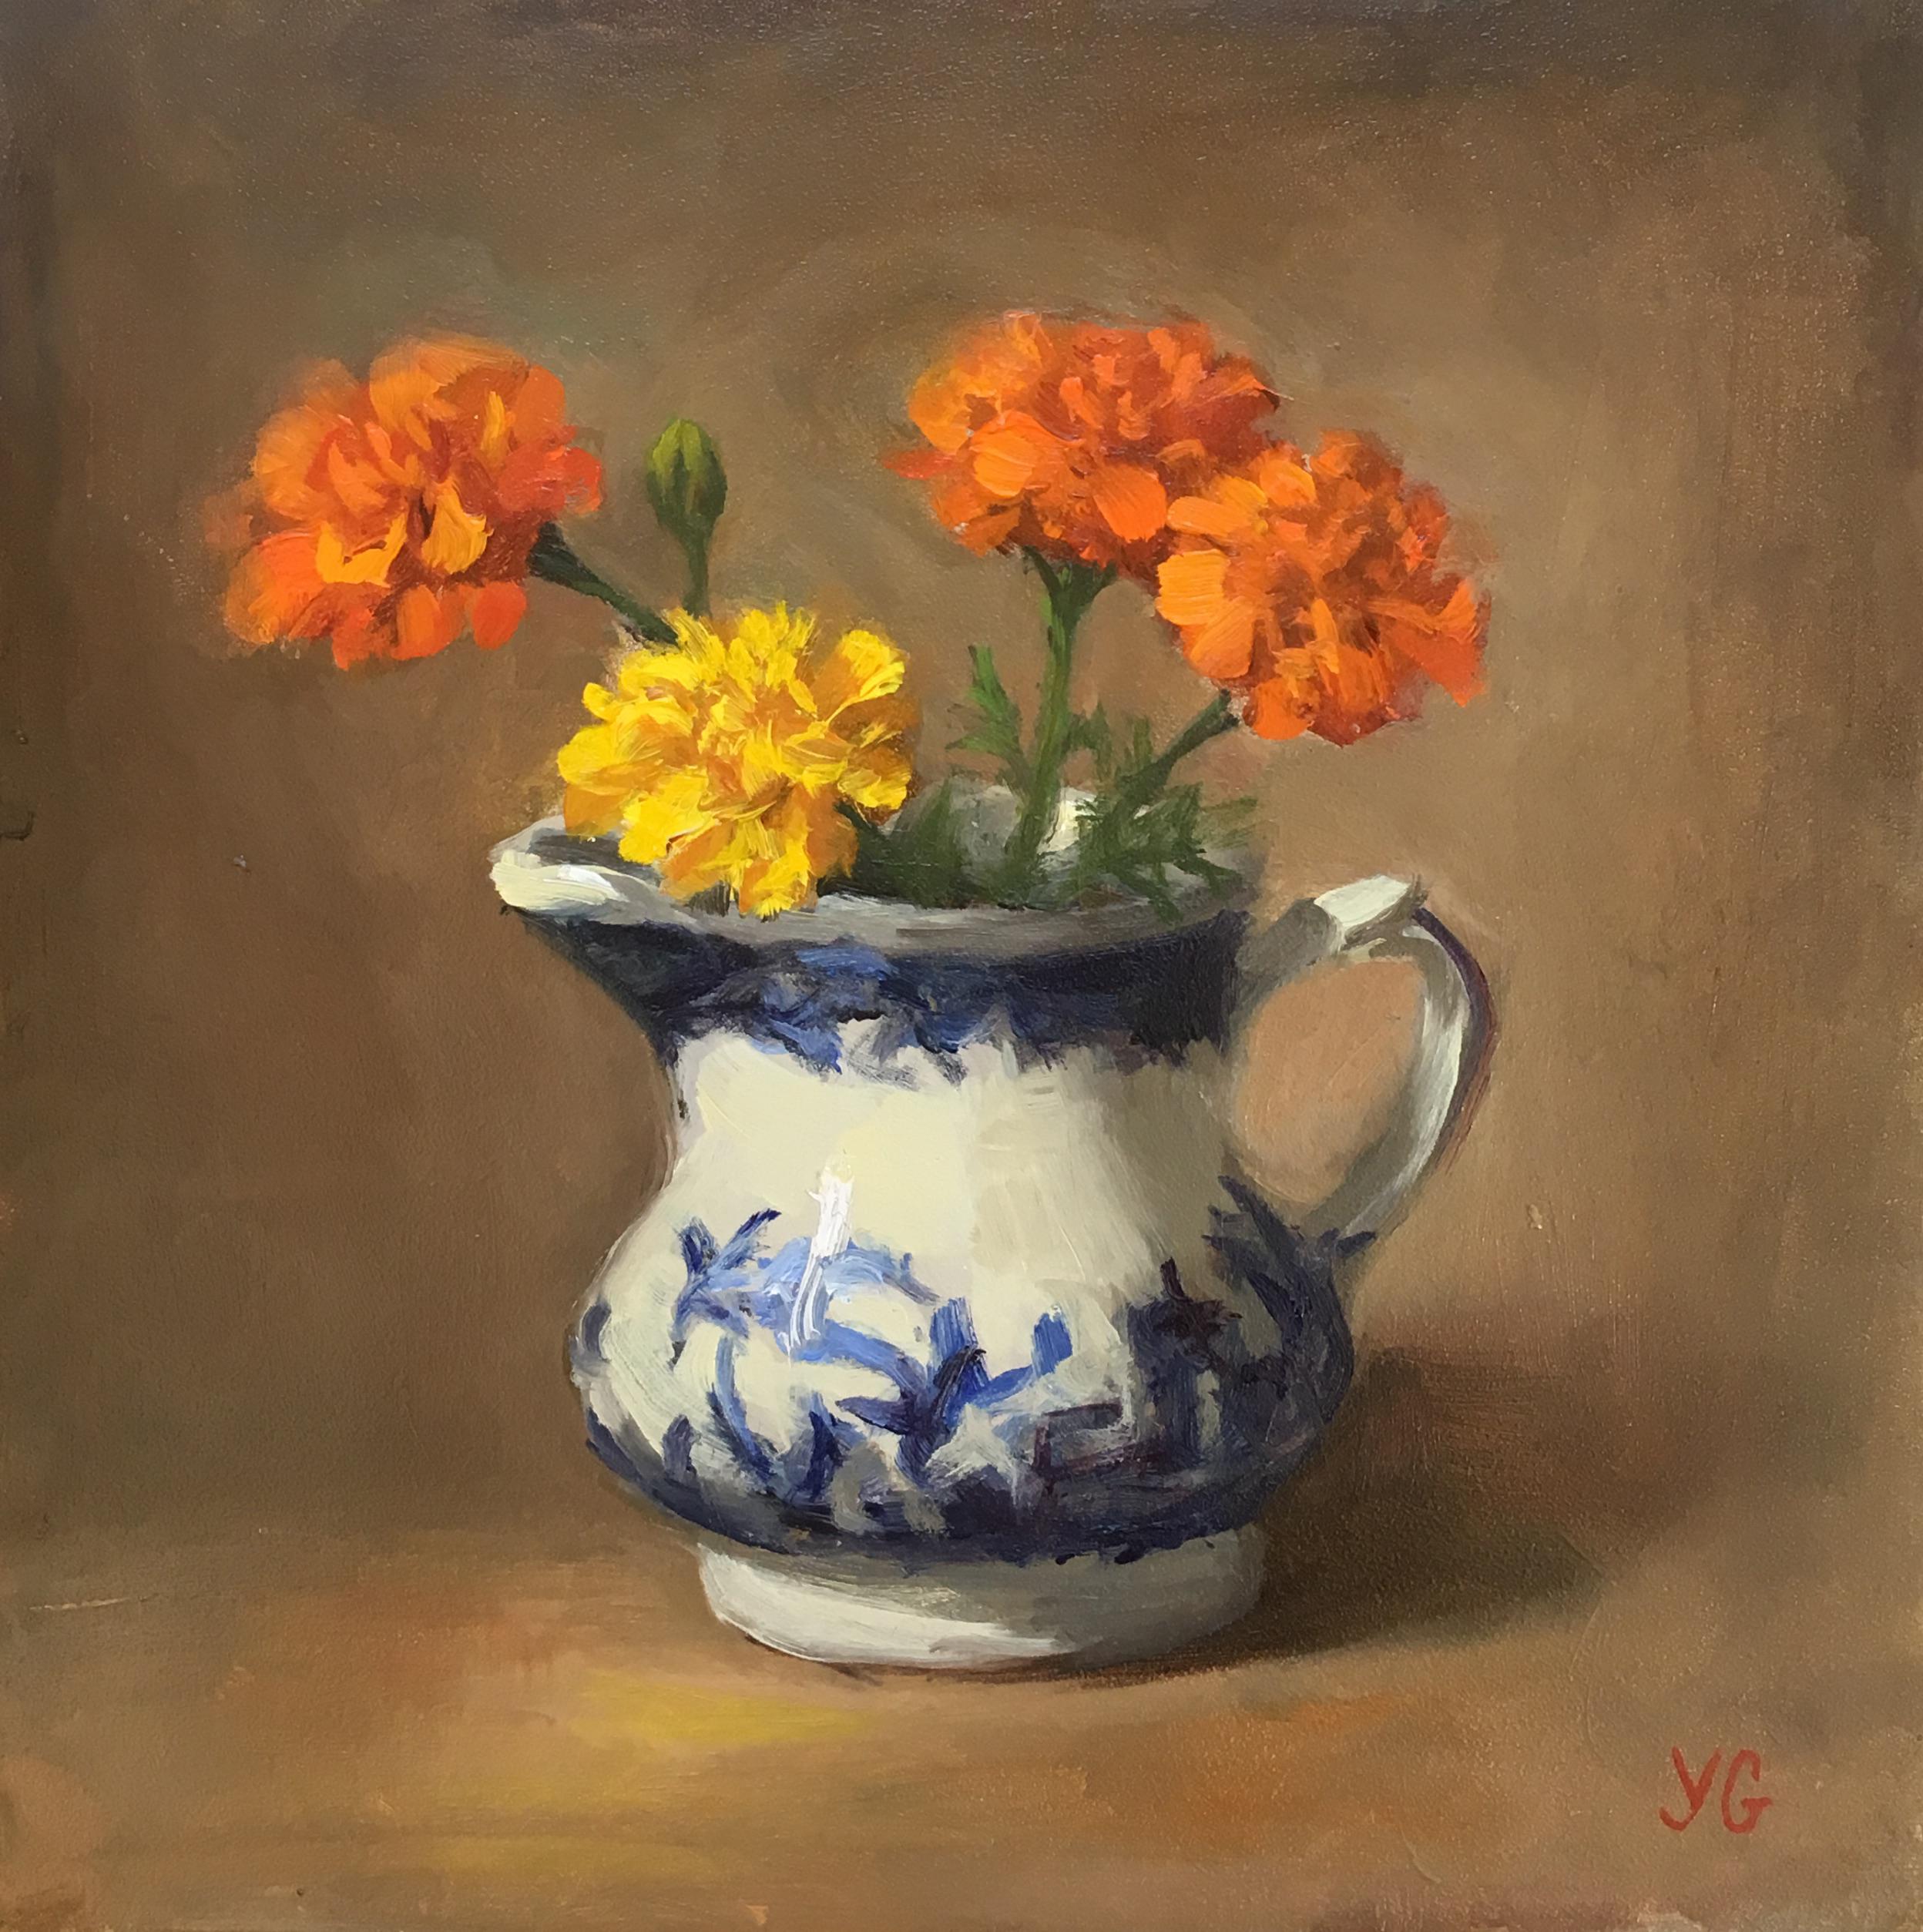 Marigold Flowers 6x6 Oil on board